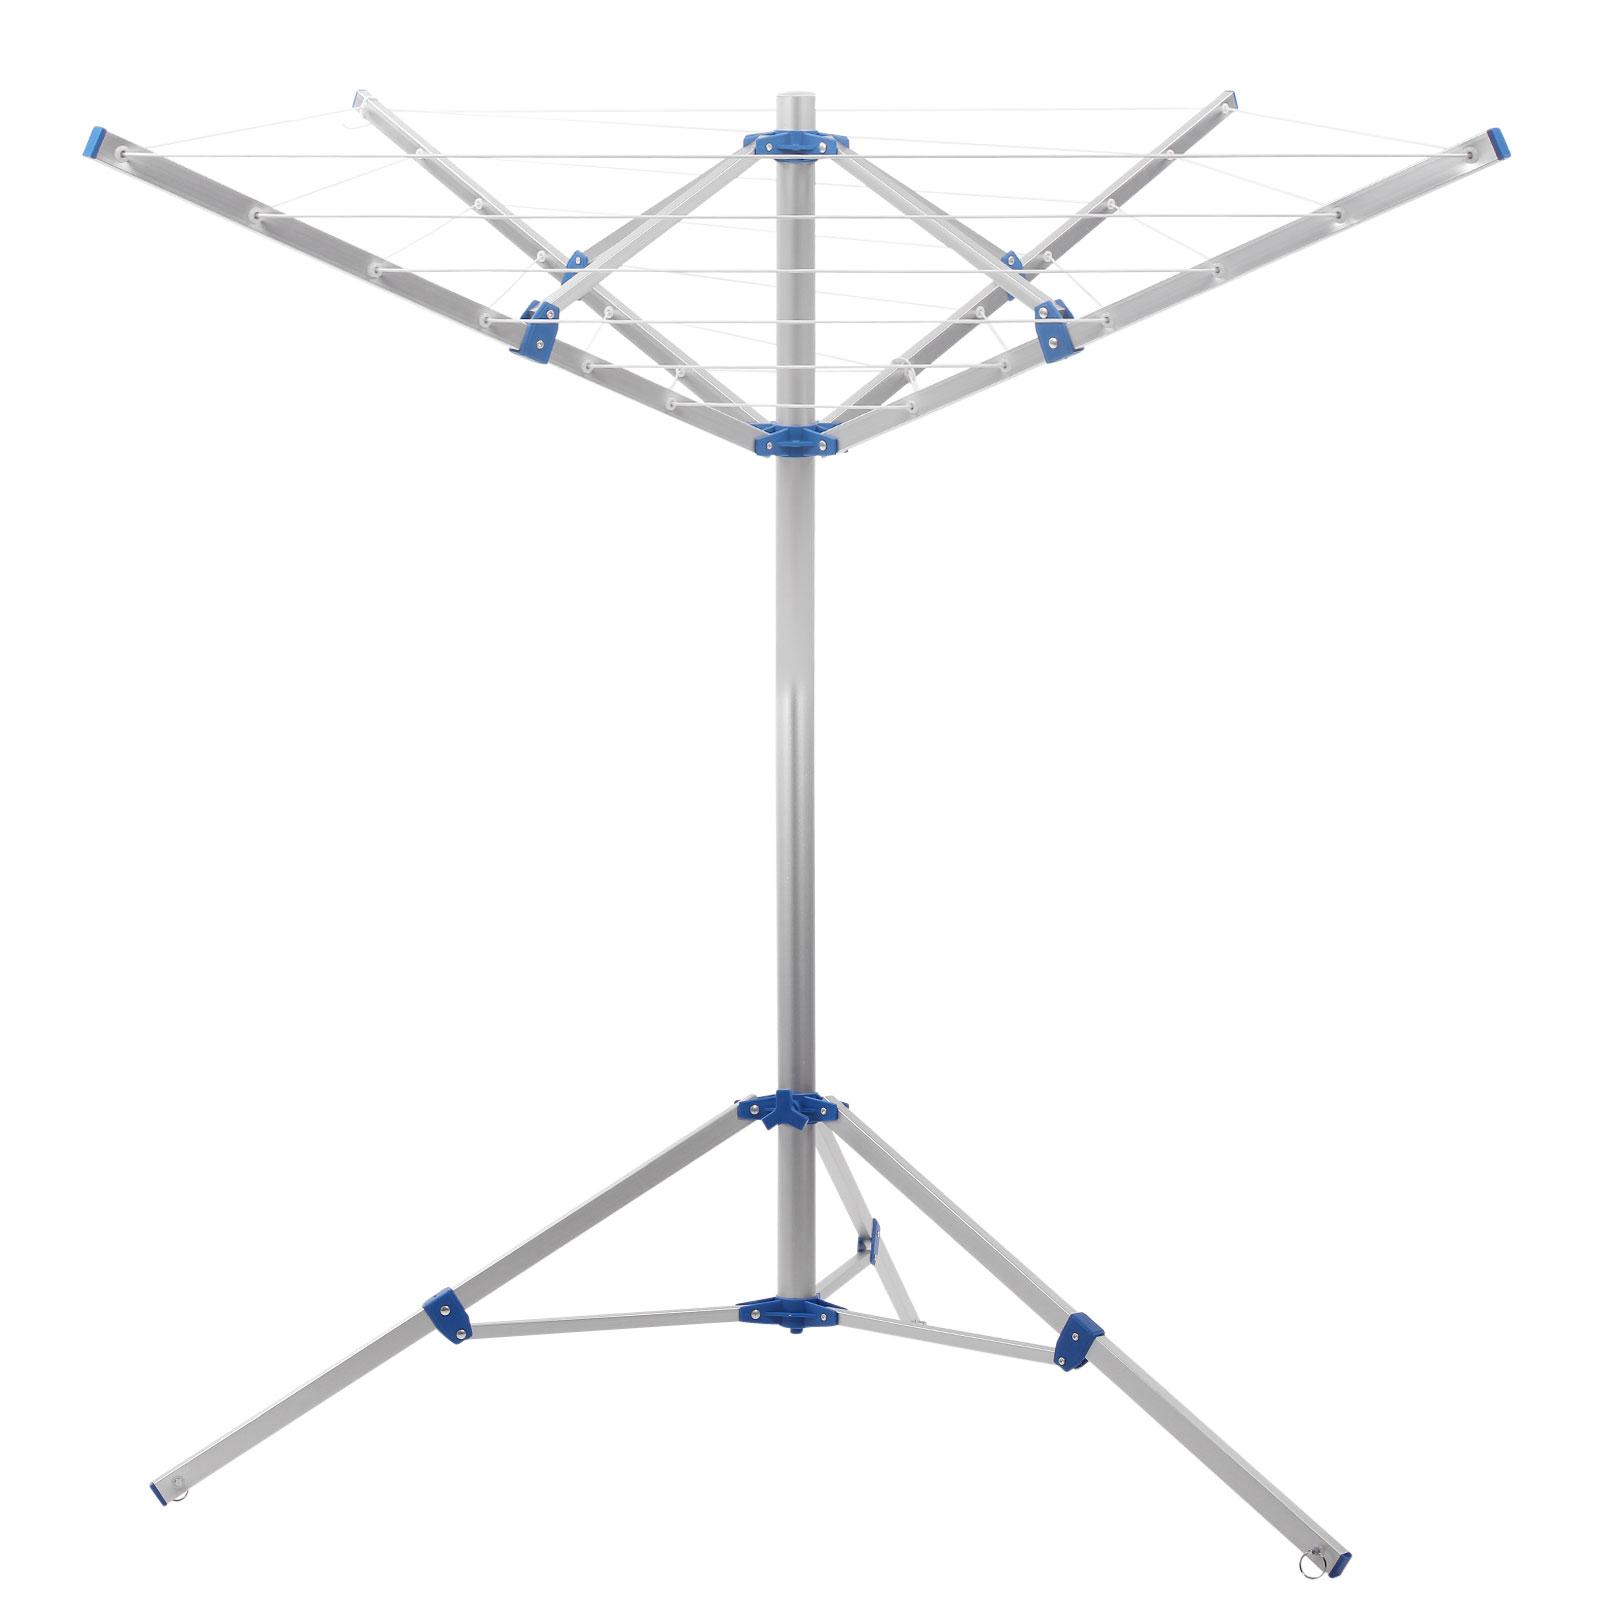 Camping Wäschespinne 15 Meter Leine, Spannweite 152 cm , Höhe 180 cm,Tragetasche